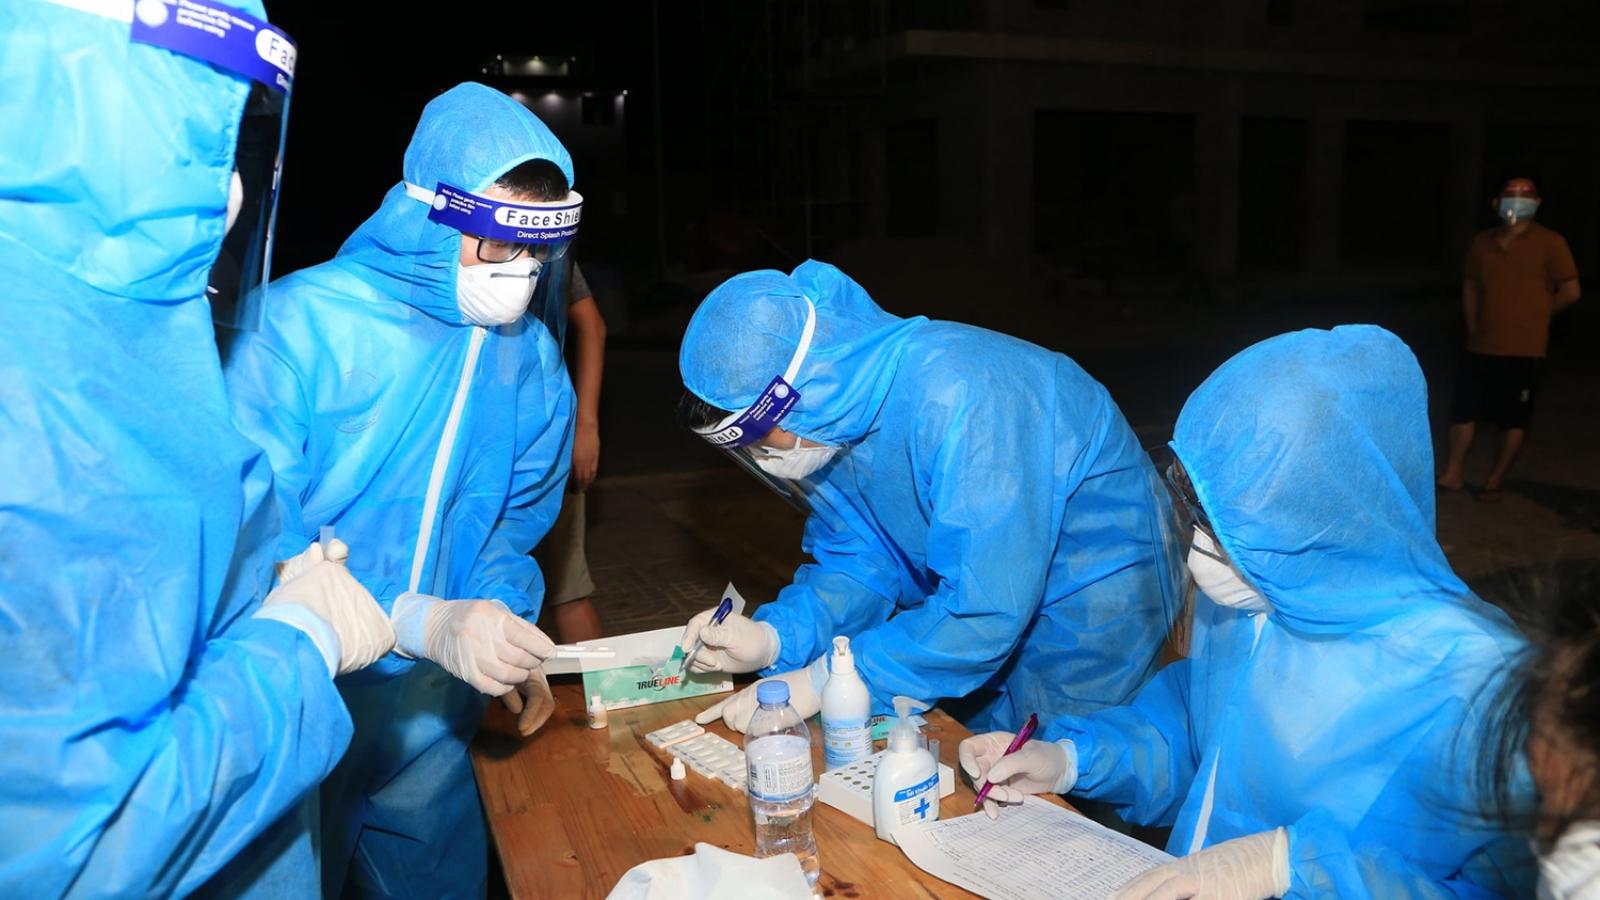 7 trường hợp từ Bình Dương về Nghệ An dương tính với SARS-CoV-2